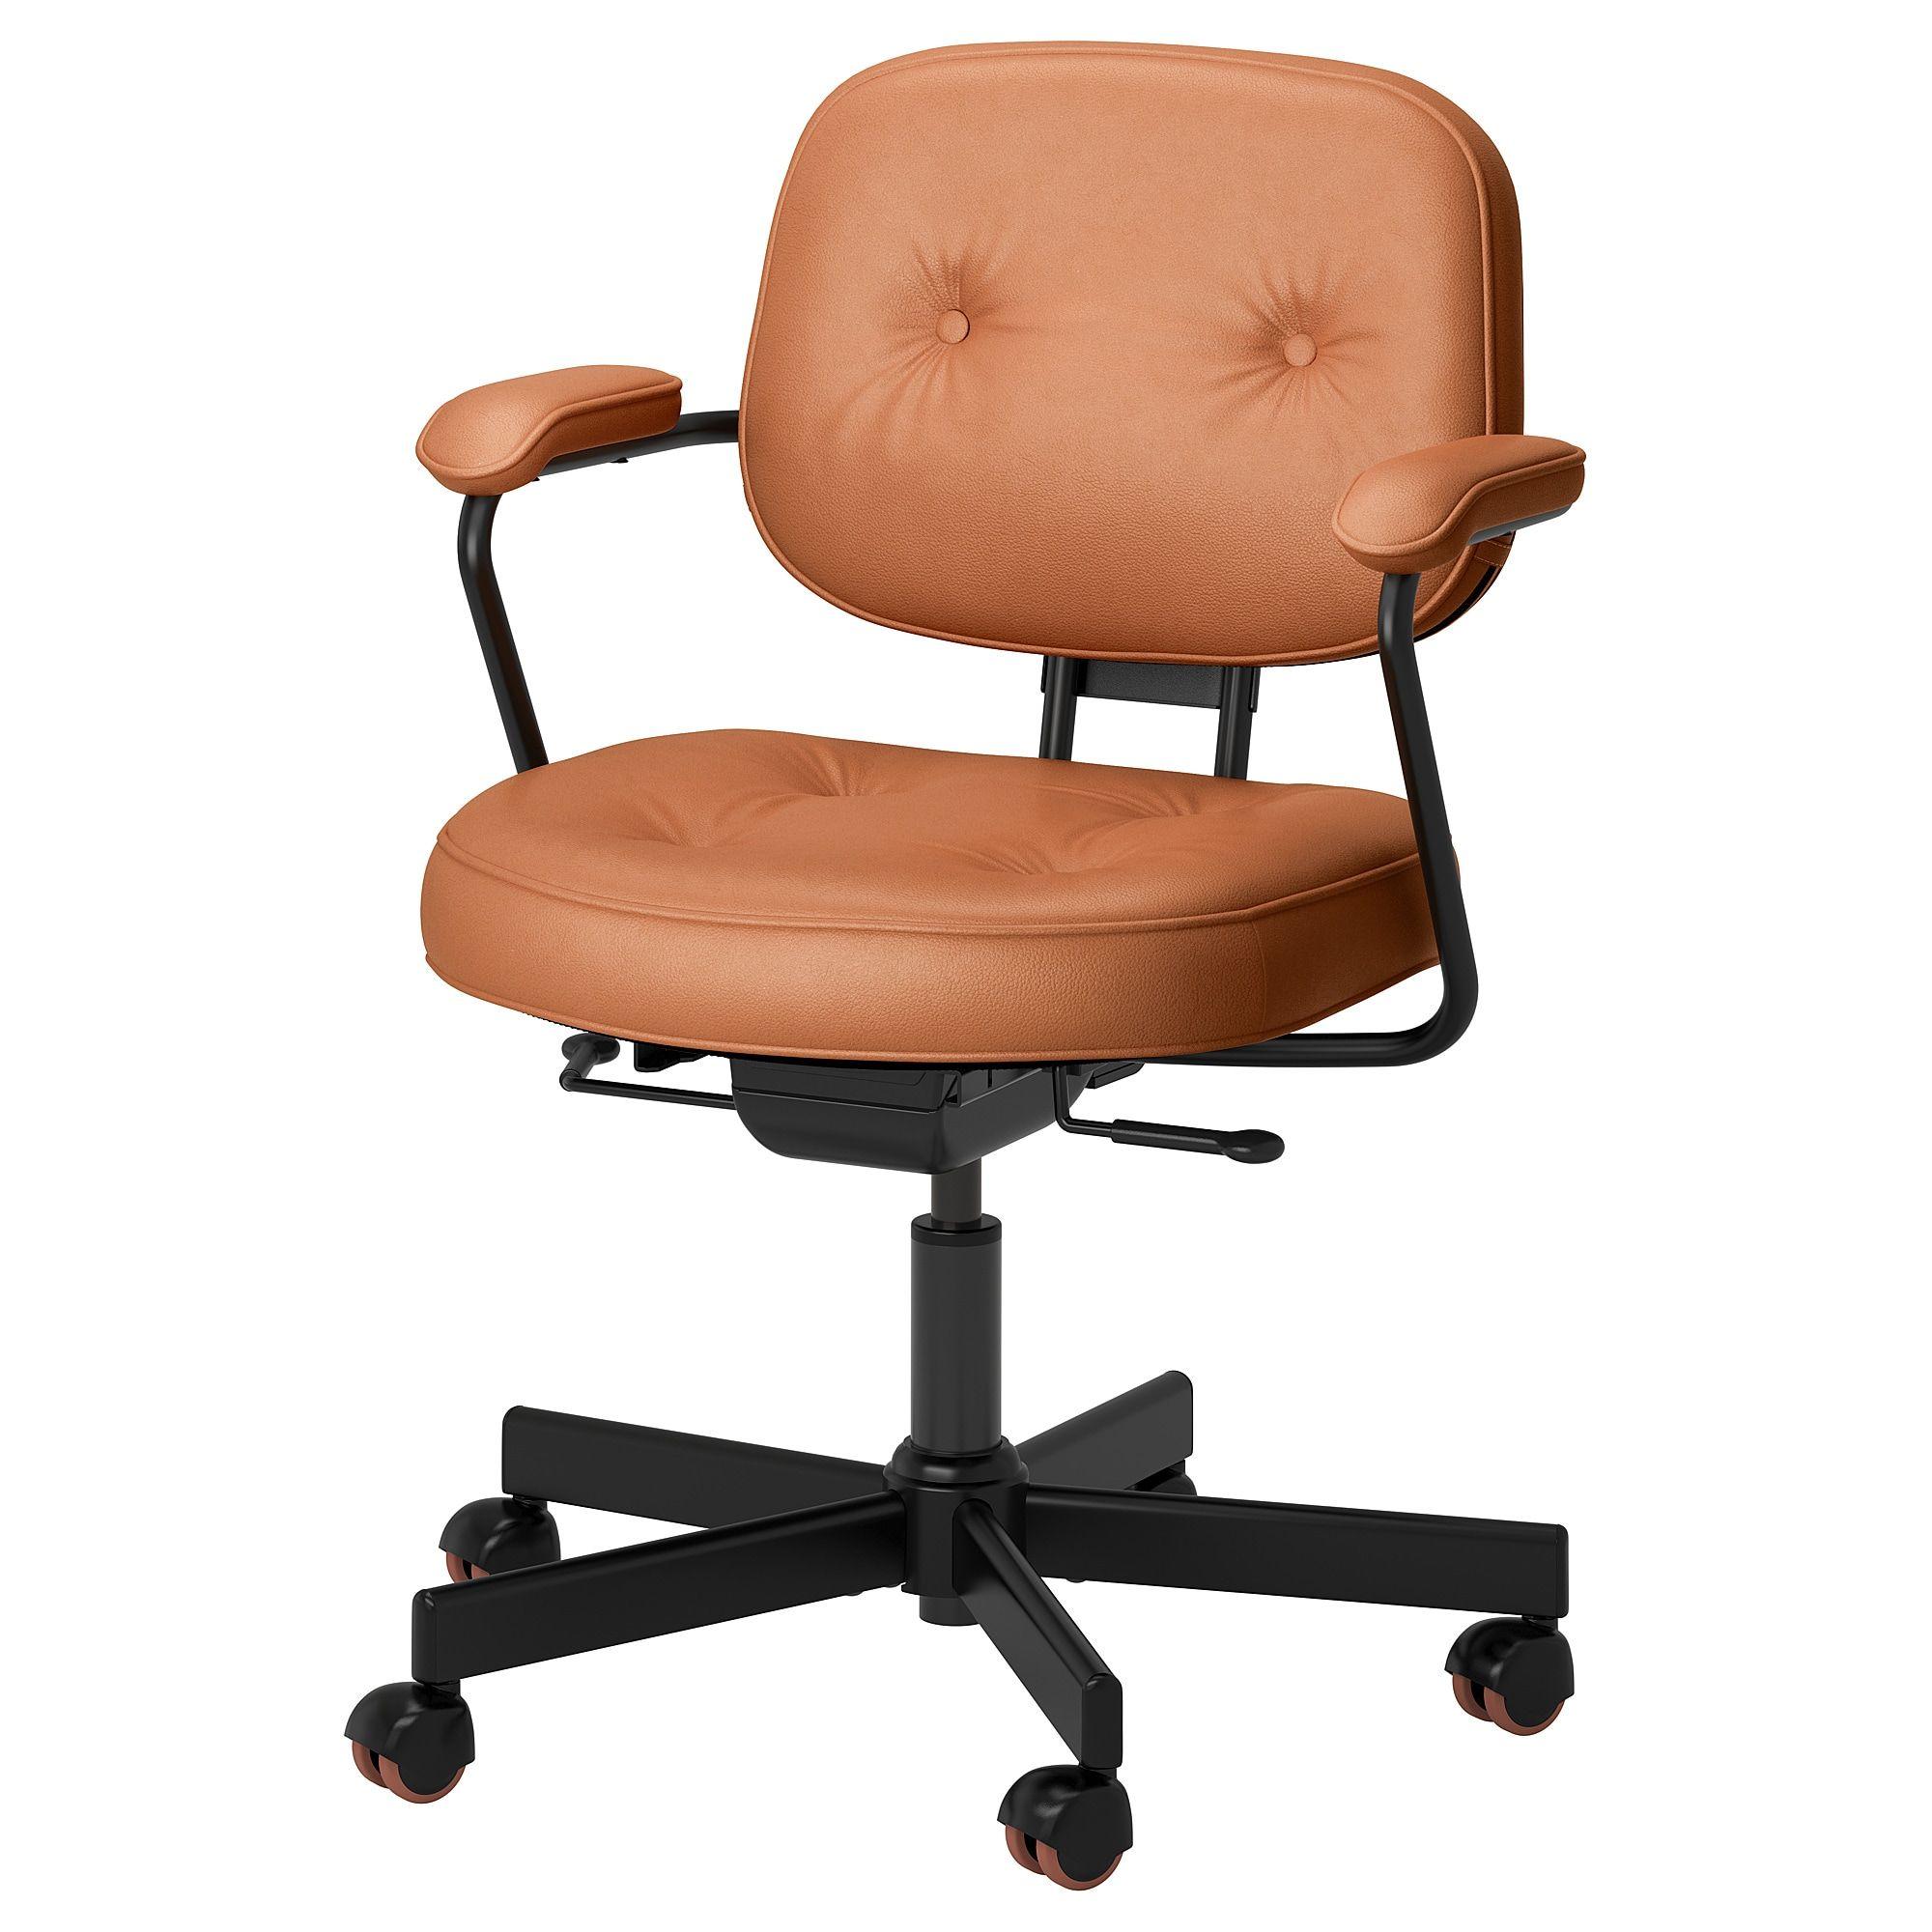 Alefjall Office Chair Grann Golden Brown Ikea Comfy Office Chair Office Chair Office Chair Cushion